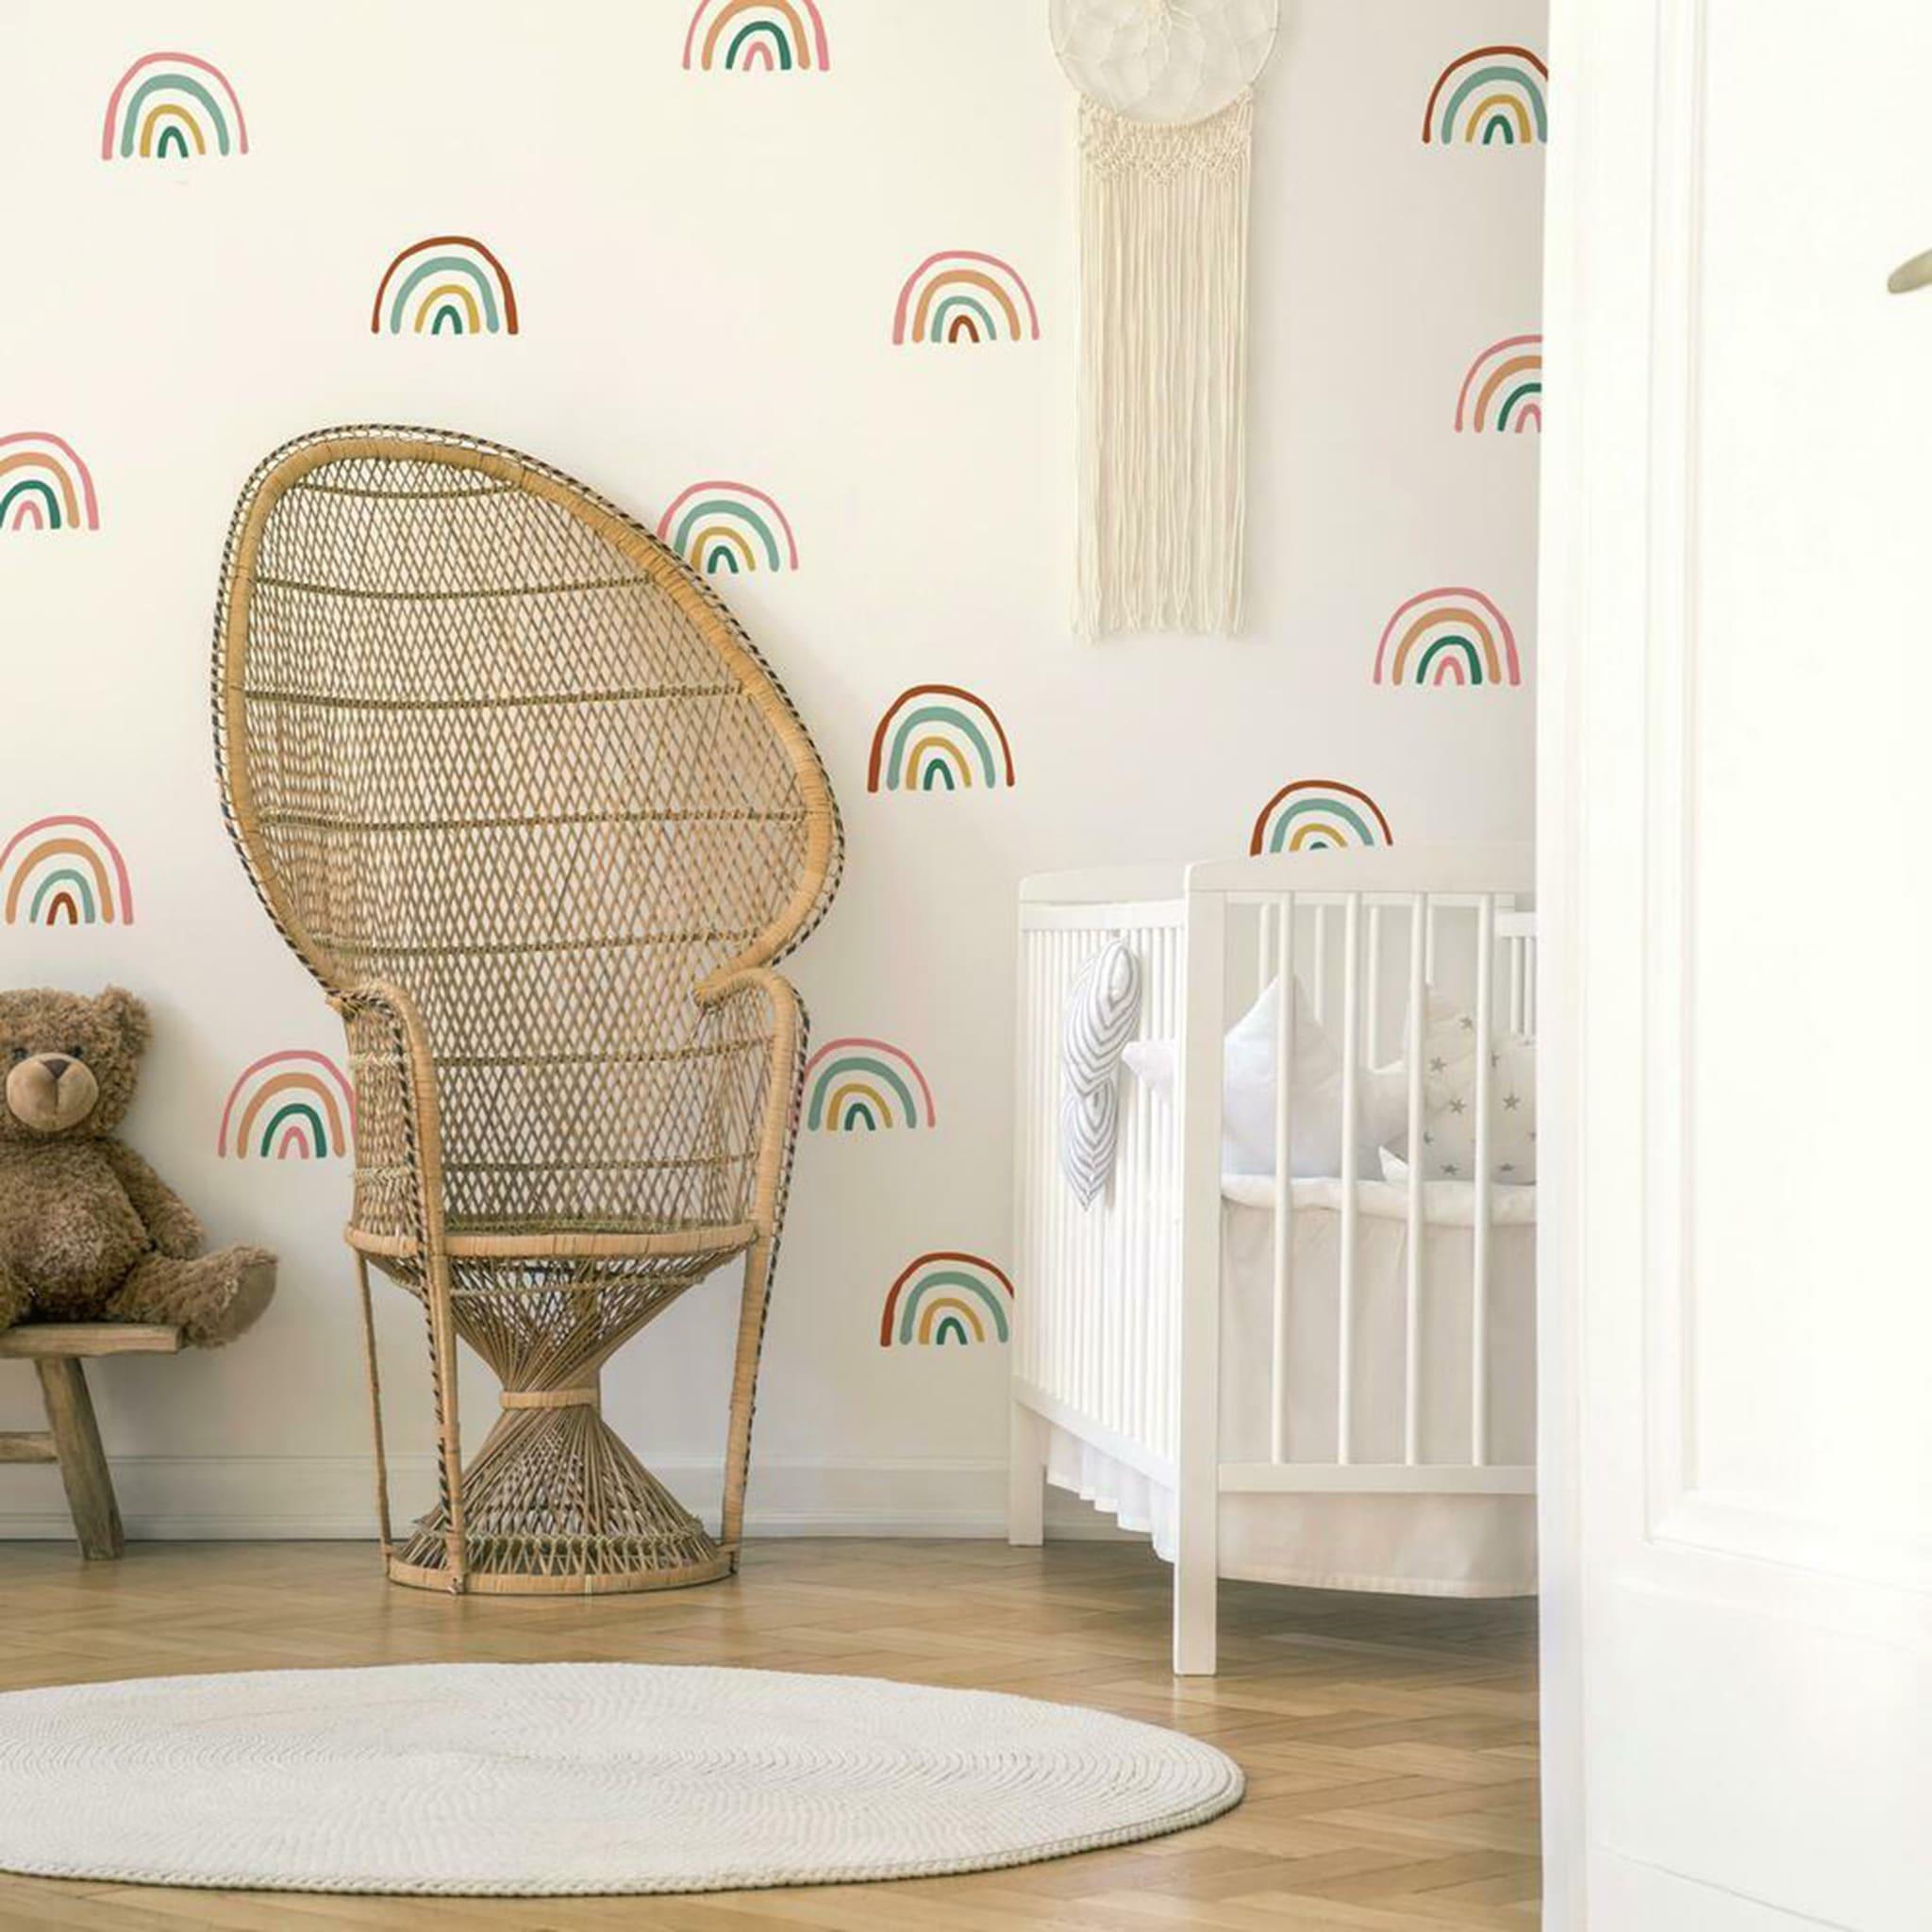 Autocollants Bazooka Mur Vinyle Decal Militaire D/écor Art Enfants Gar/çon Chambre Autocollant 57 72 Cm